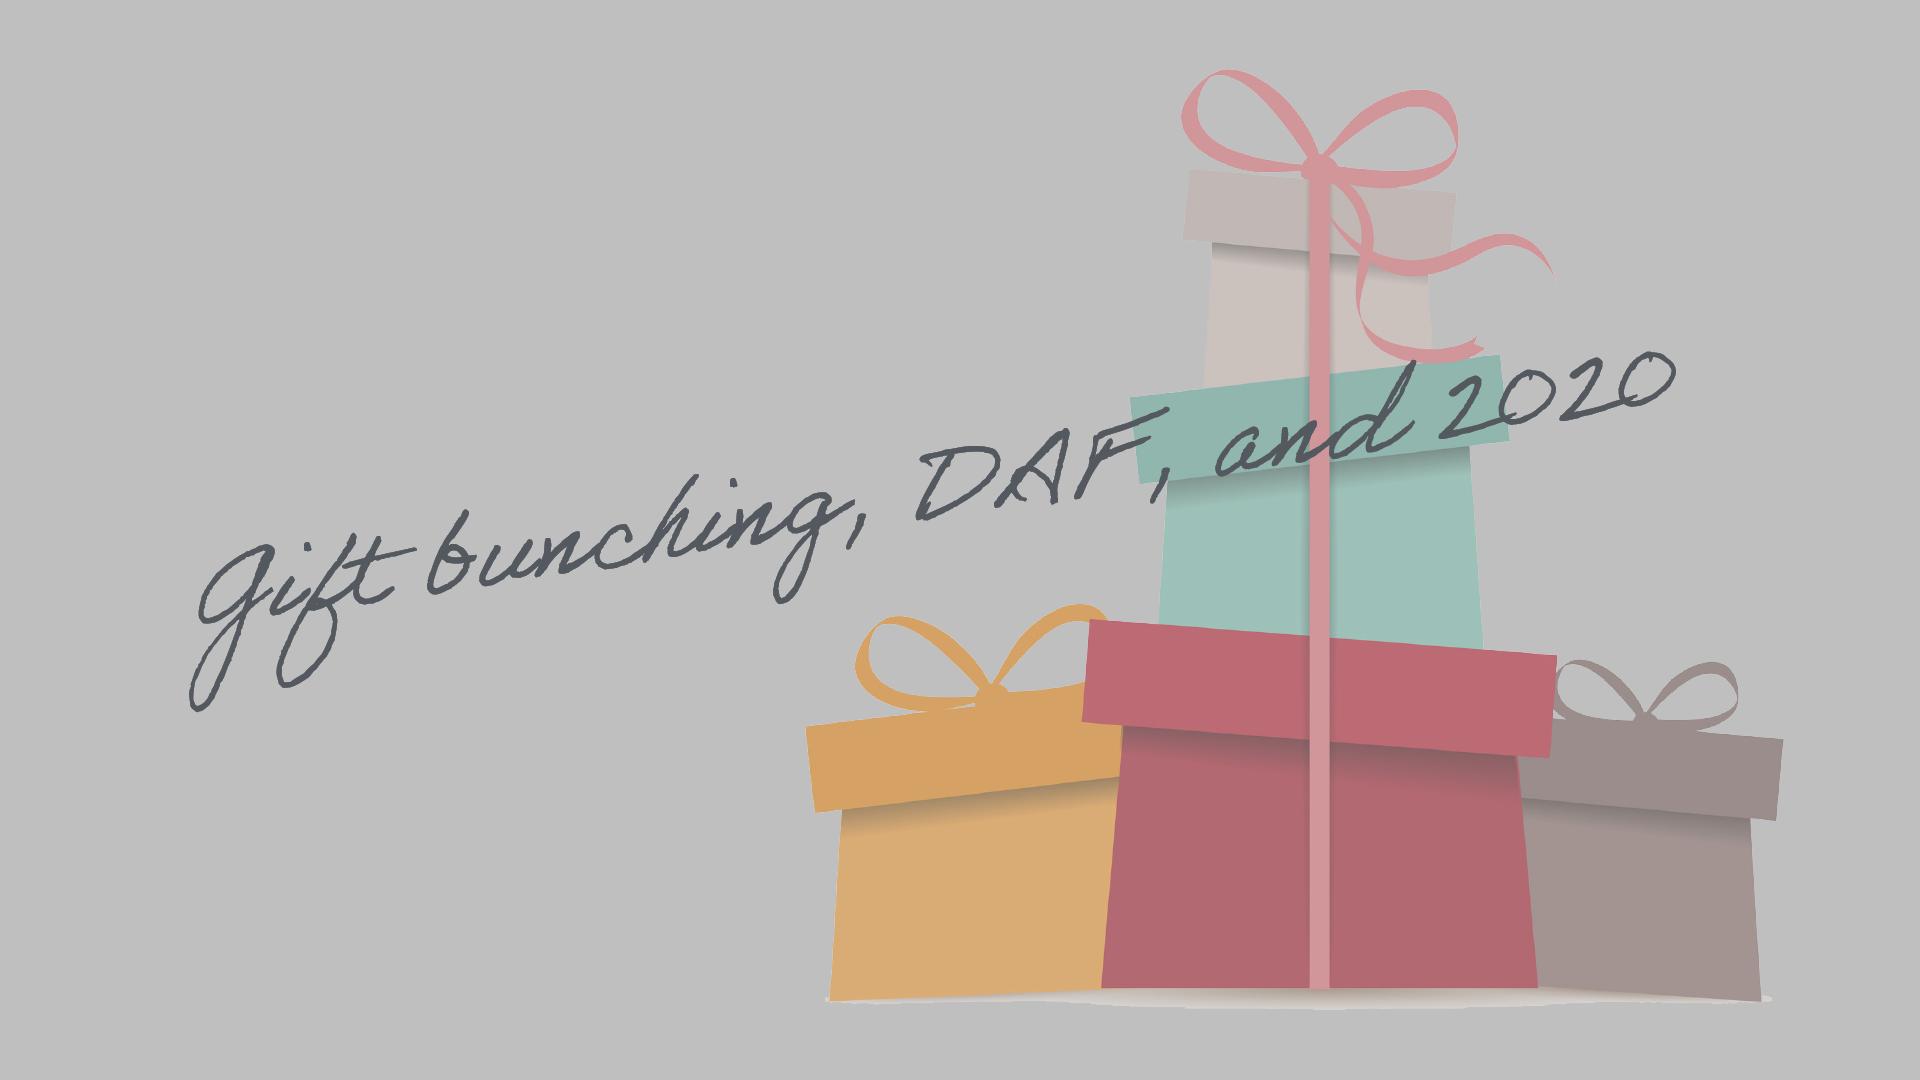 Gift bunching